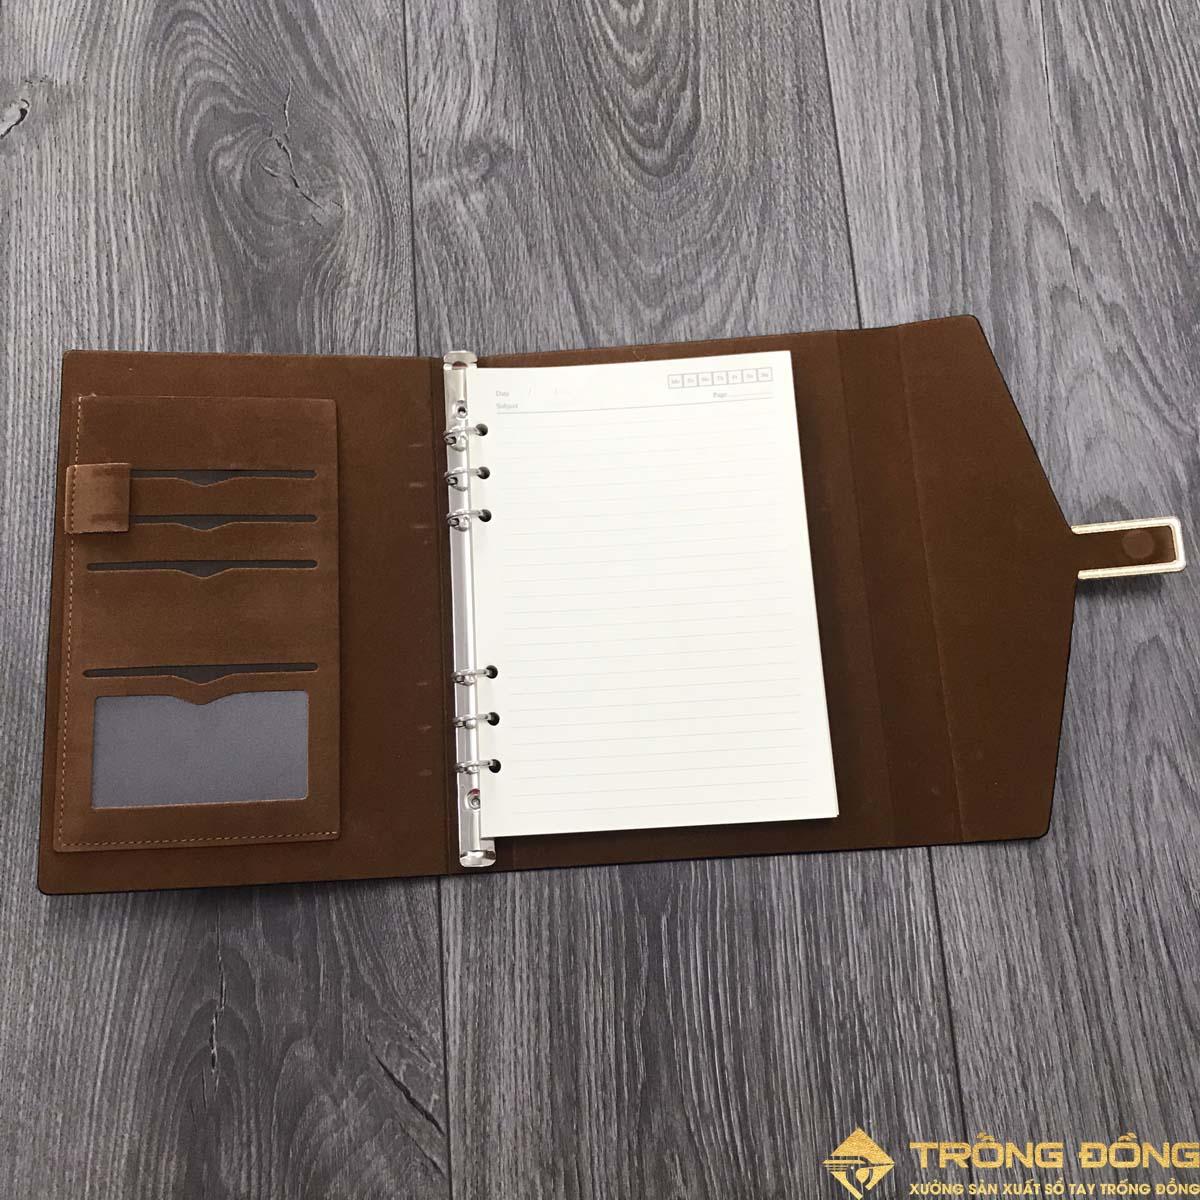 Phần bìa trong và các ngăn đựng thẻ card tiện dụng